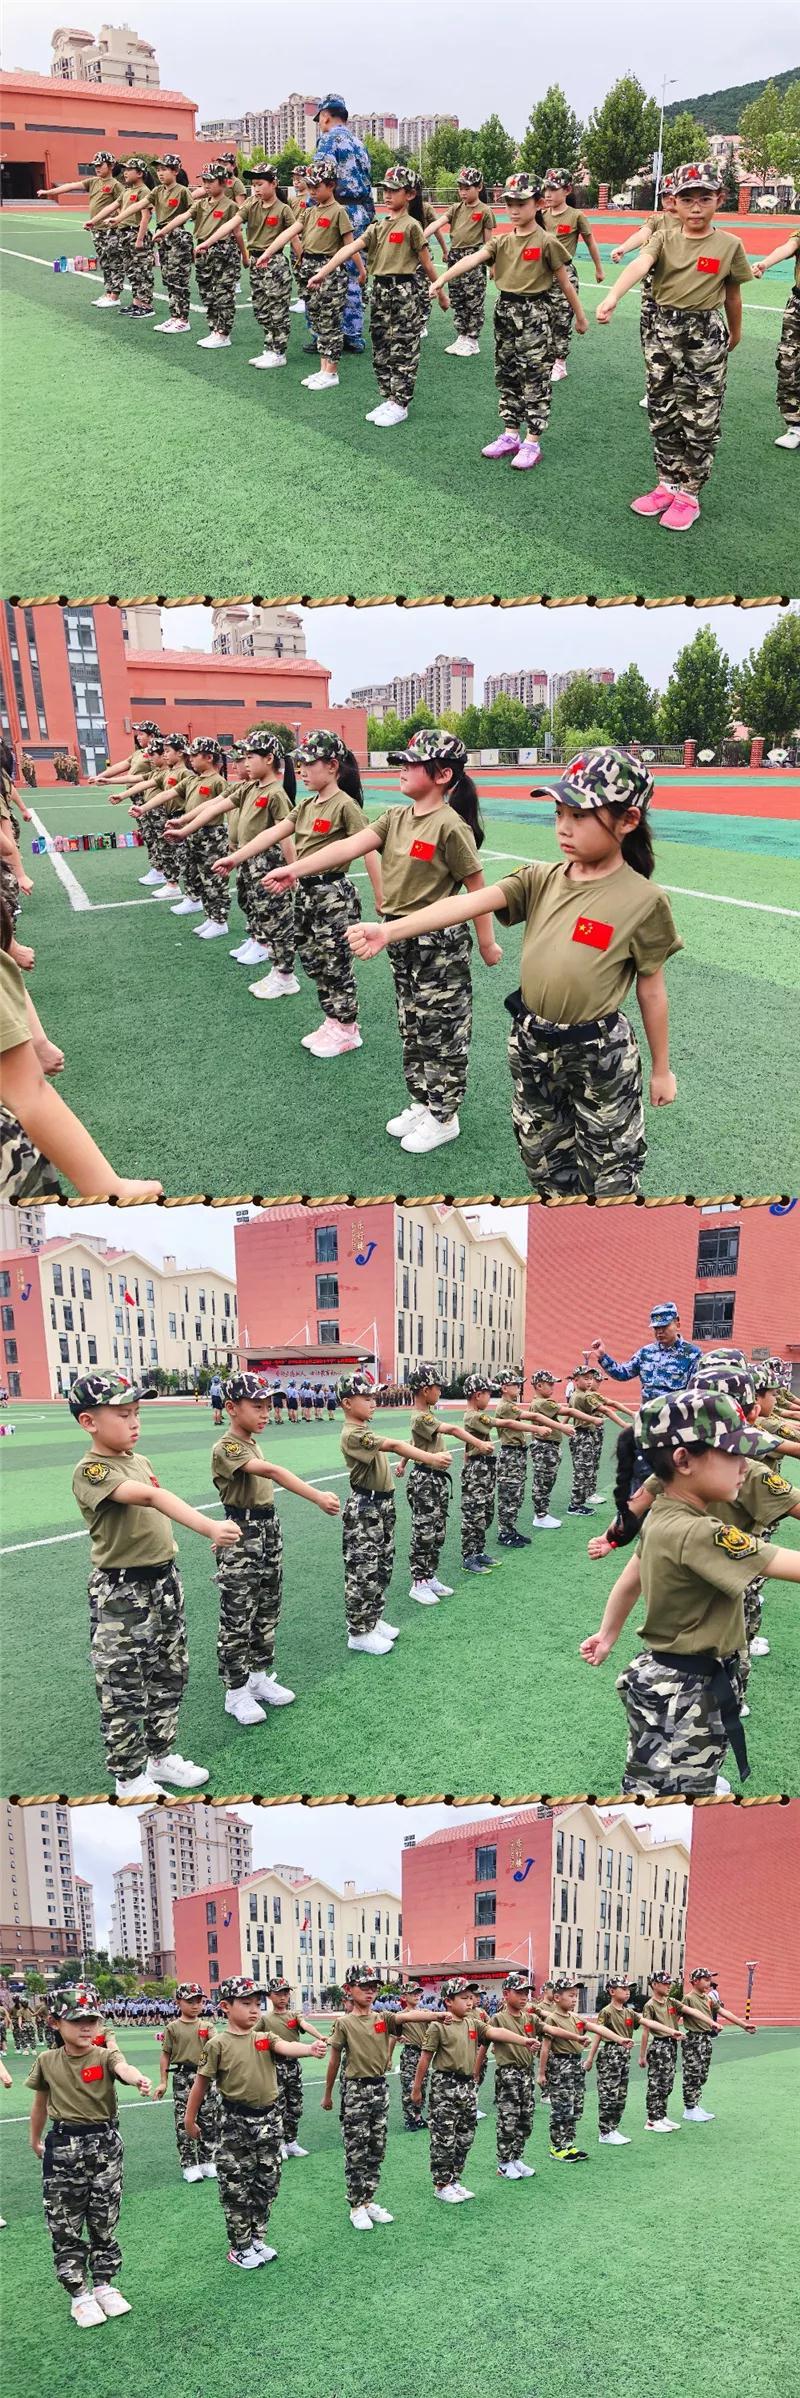 """""""国防梦·我的梦"""" 崂山实验三小开展军事夏令营活动"""